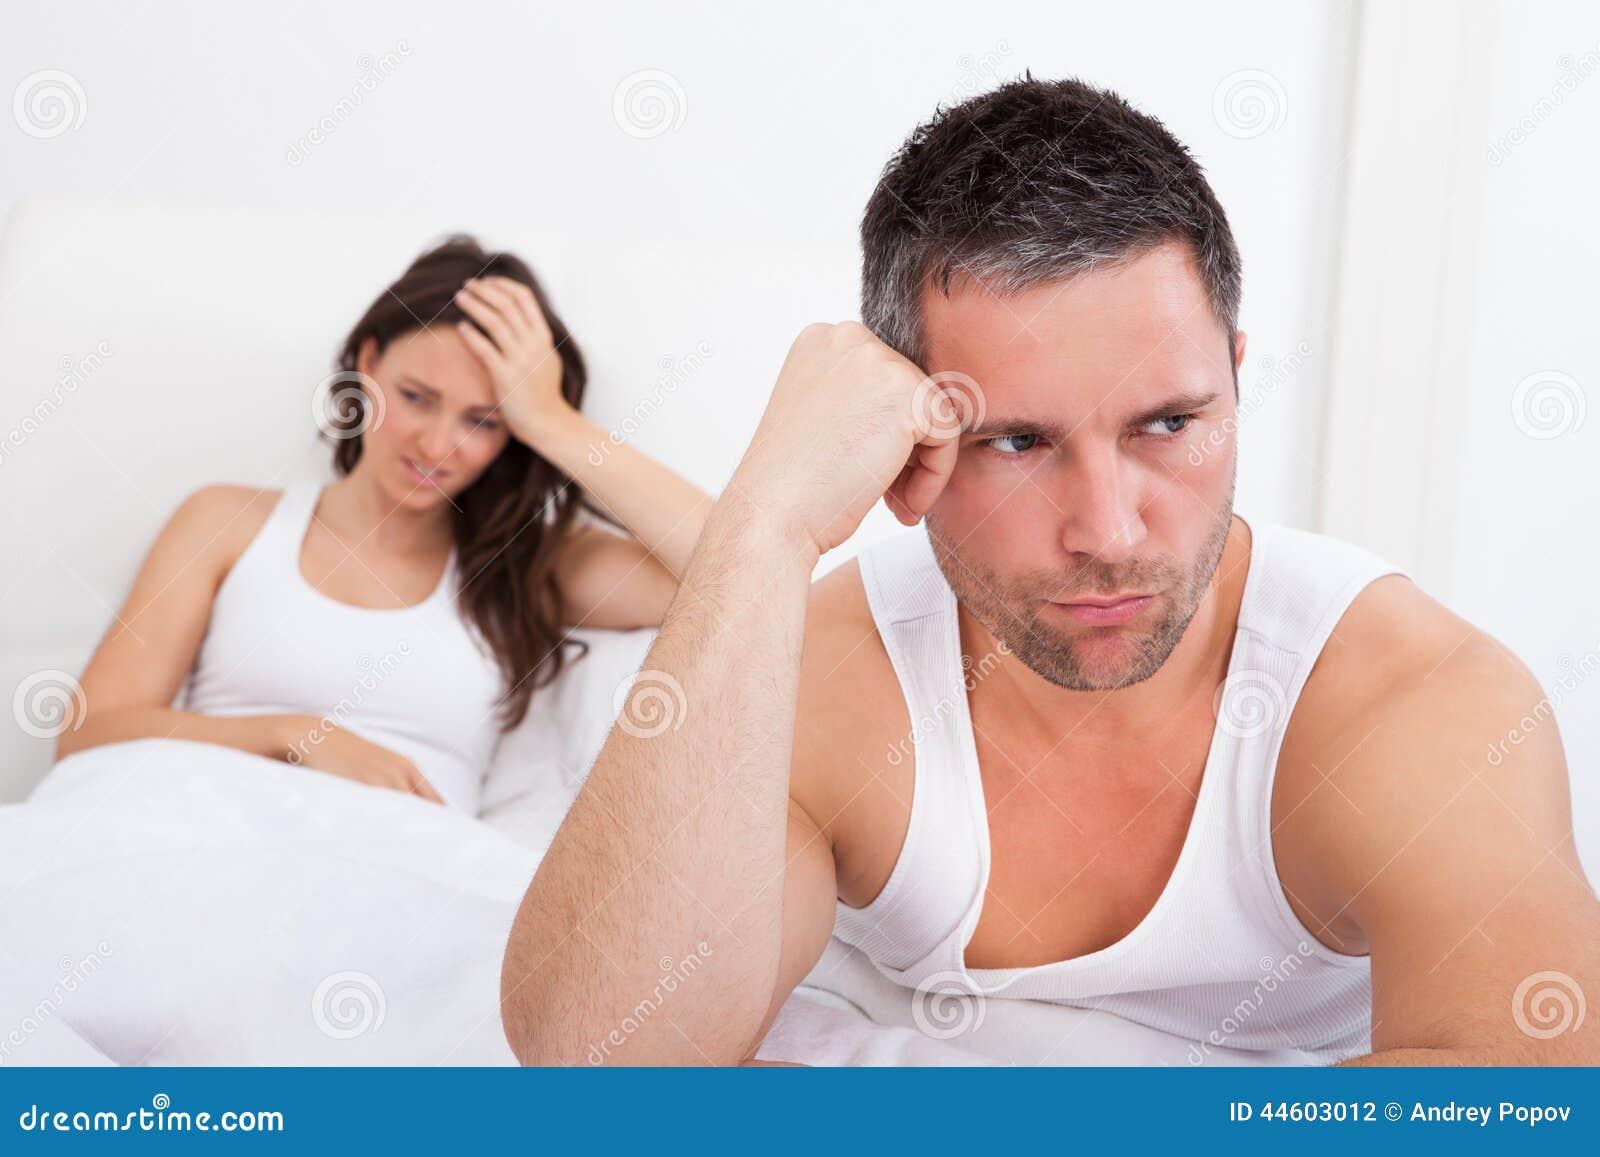 Сексуально разочарованные люди